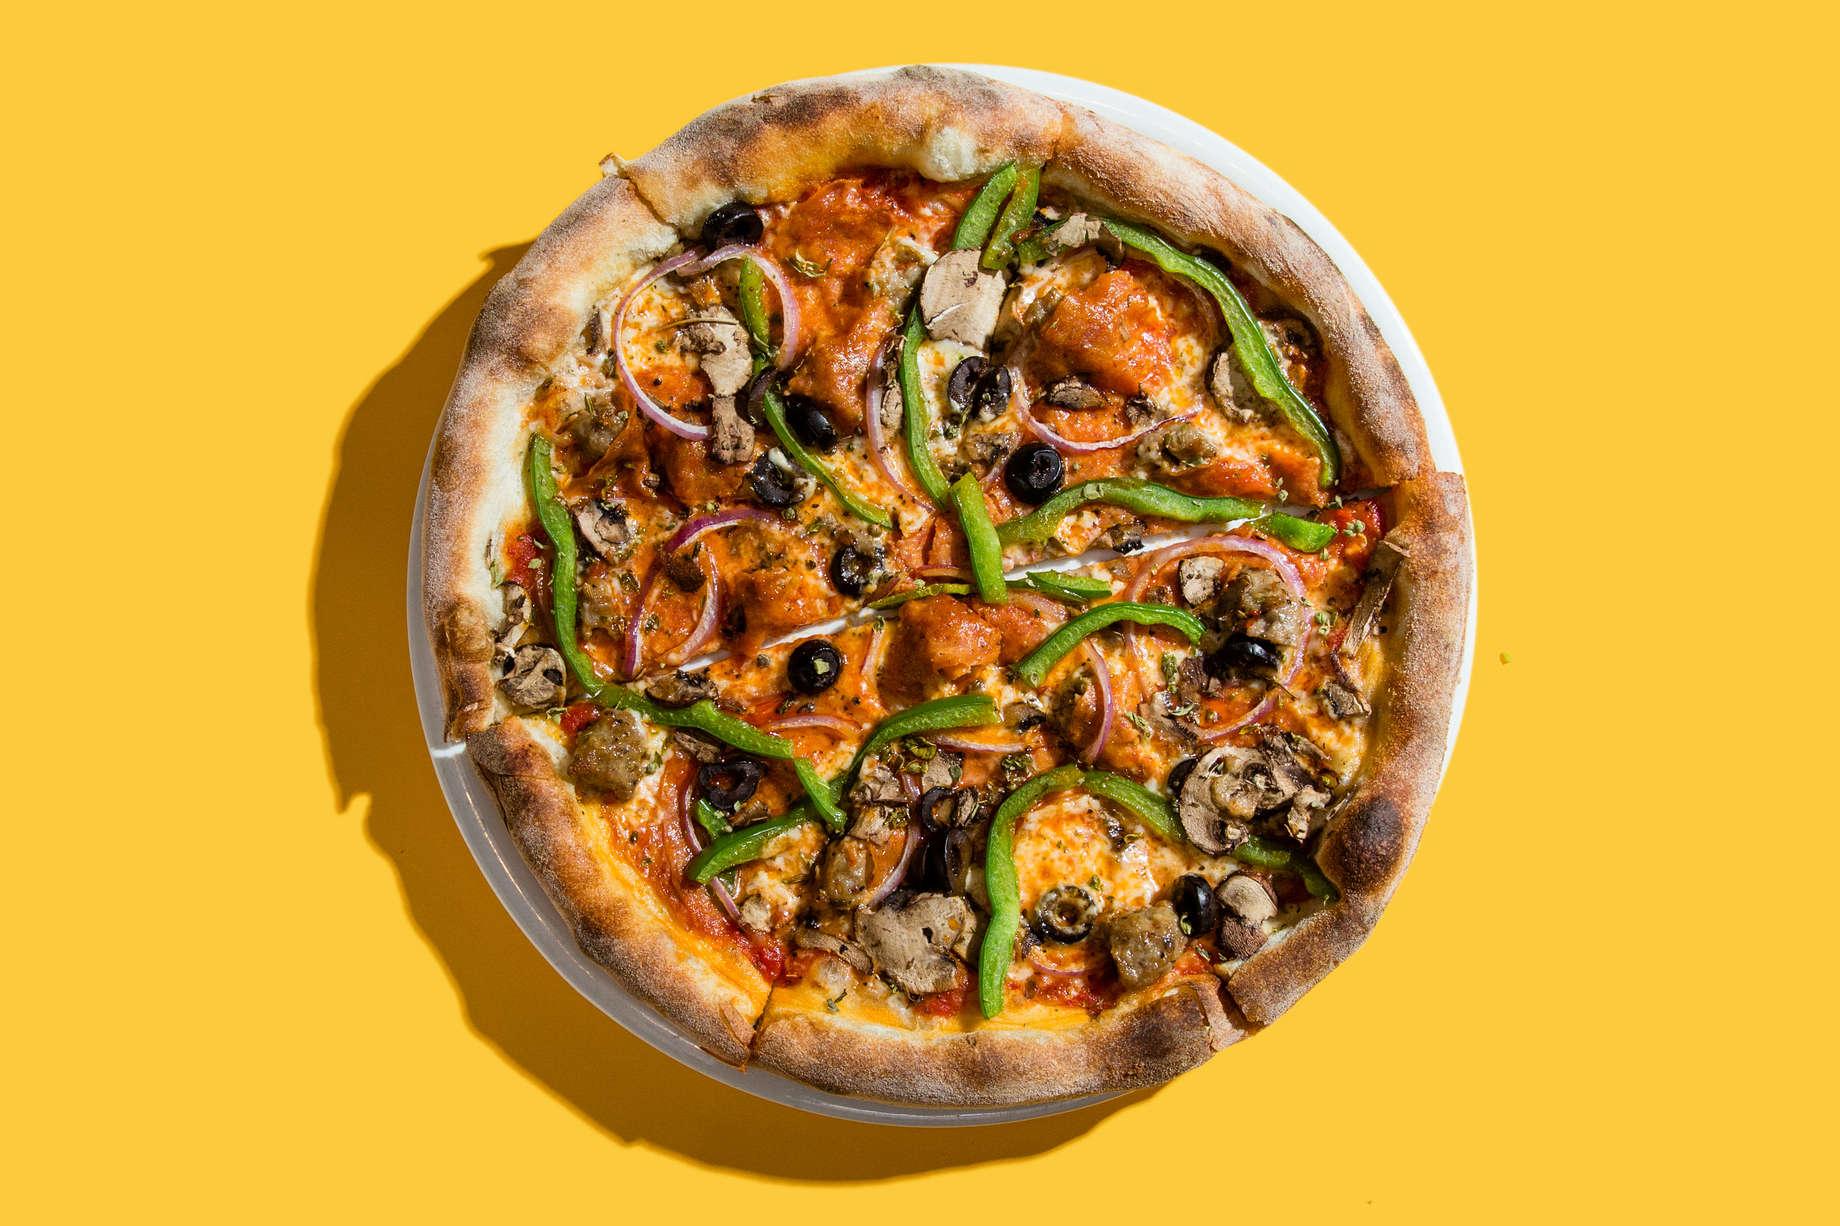 Strange Best California Pizza Kitchen Pizzas Every Cpk Pizza Pie Interior Design Ideas Clesiryabchikinfo